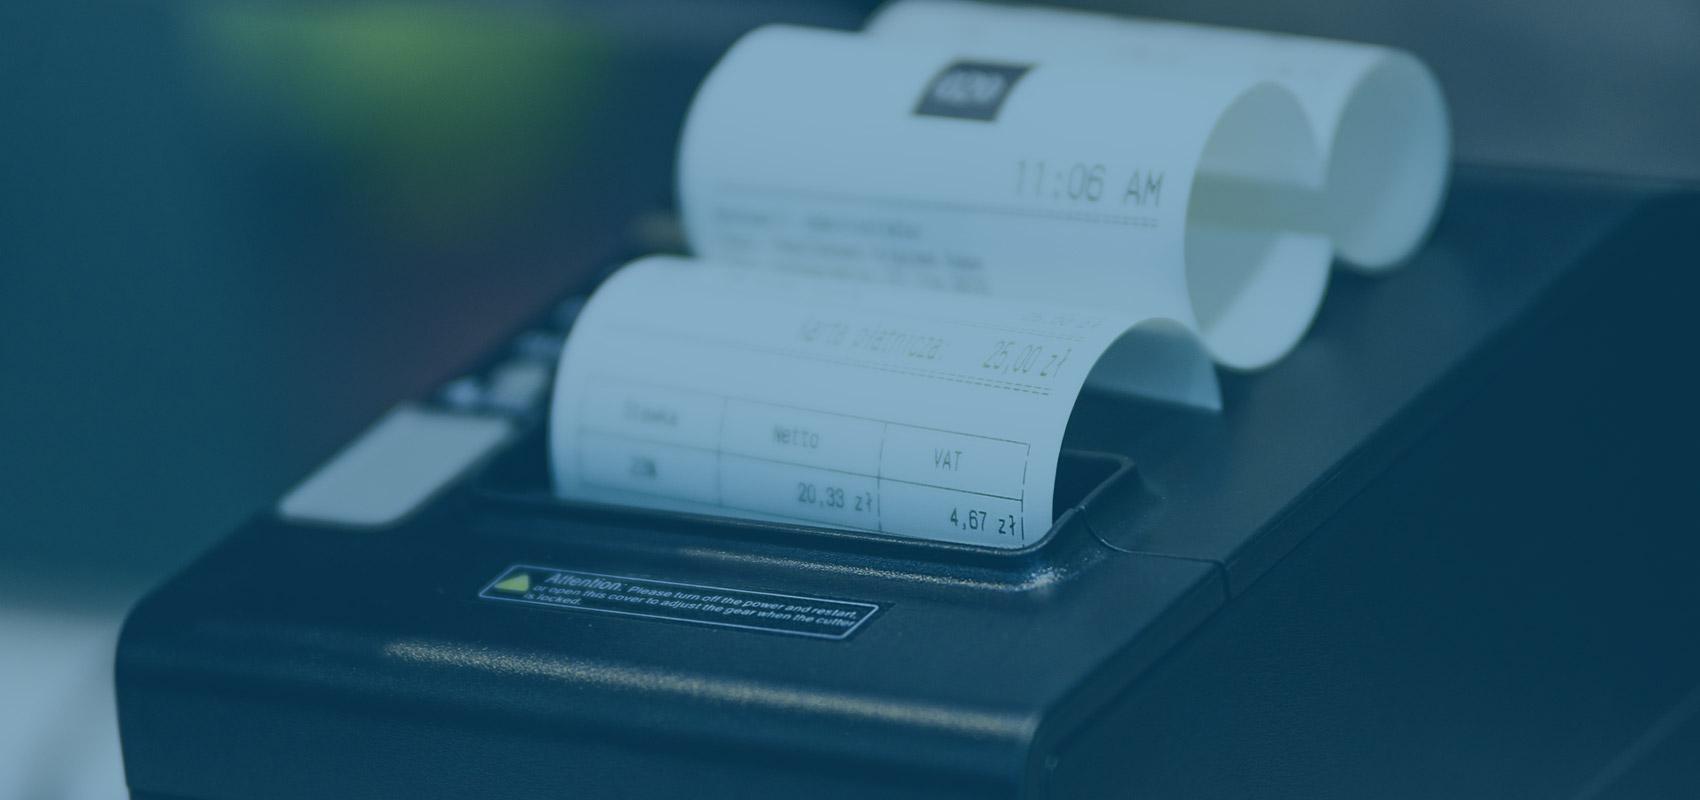 Anforderungen an eine ordnungsgemäße Kassenführung